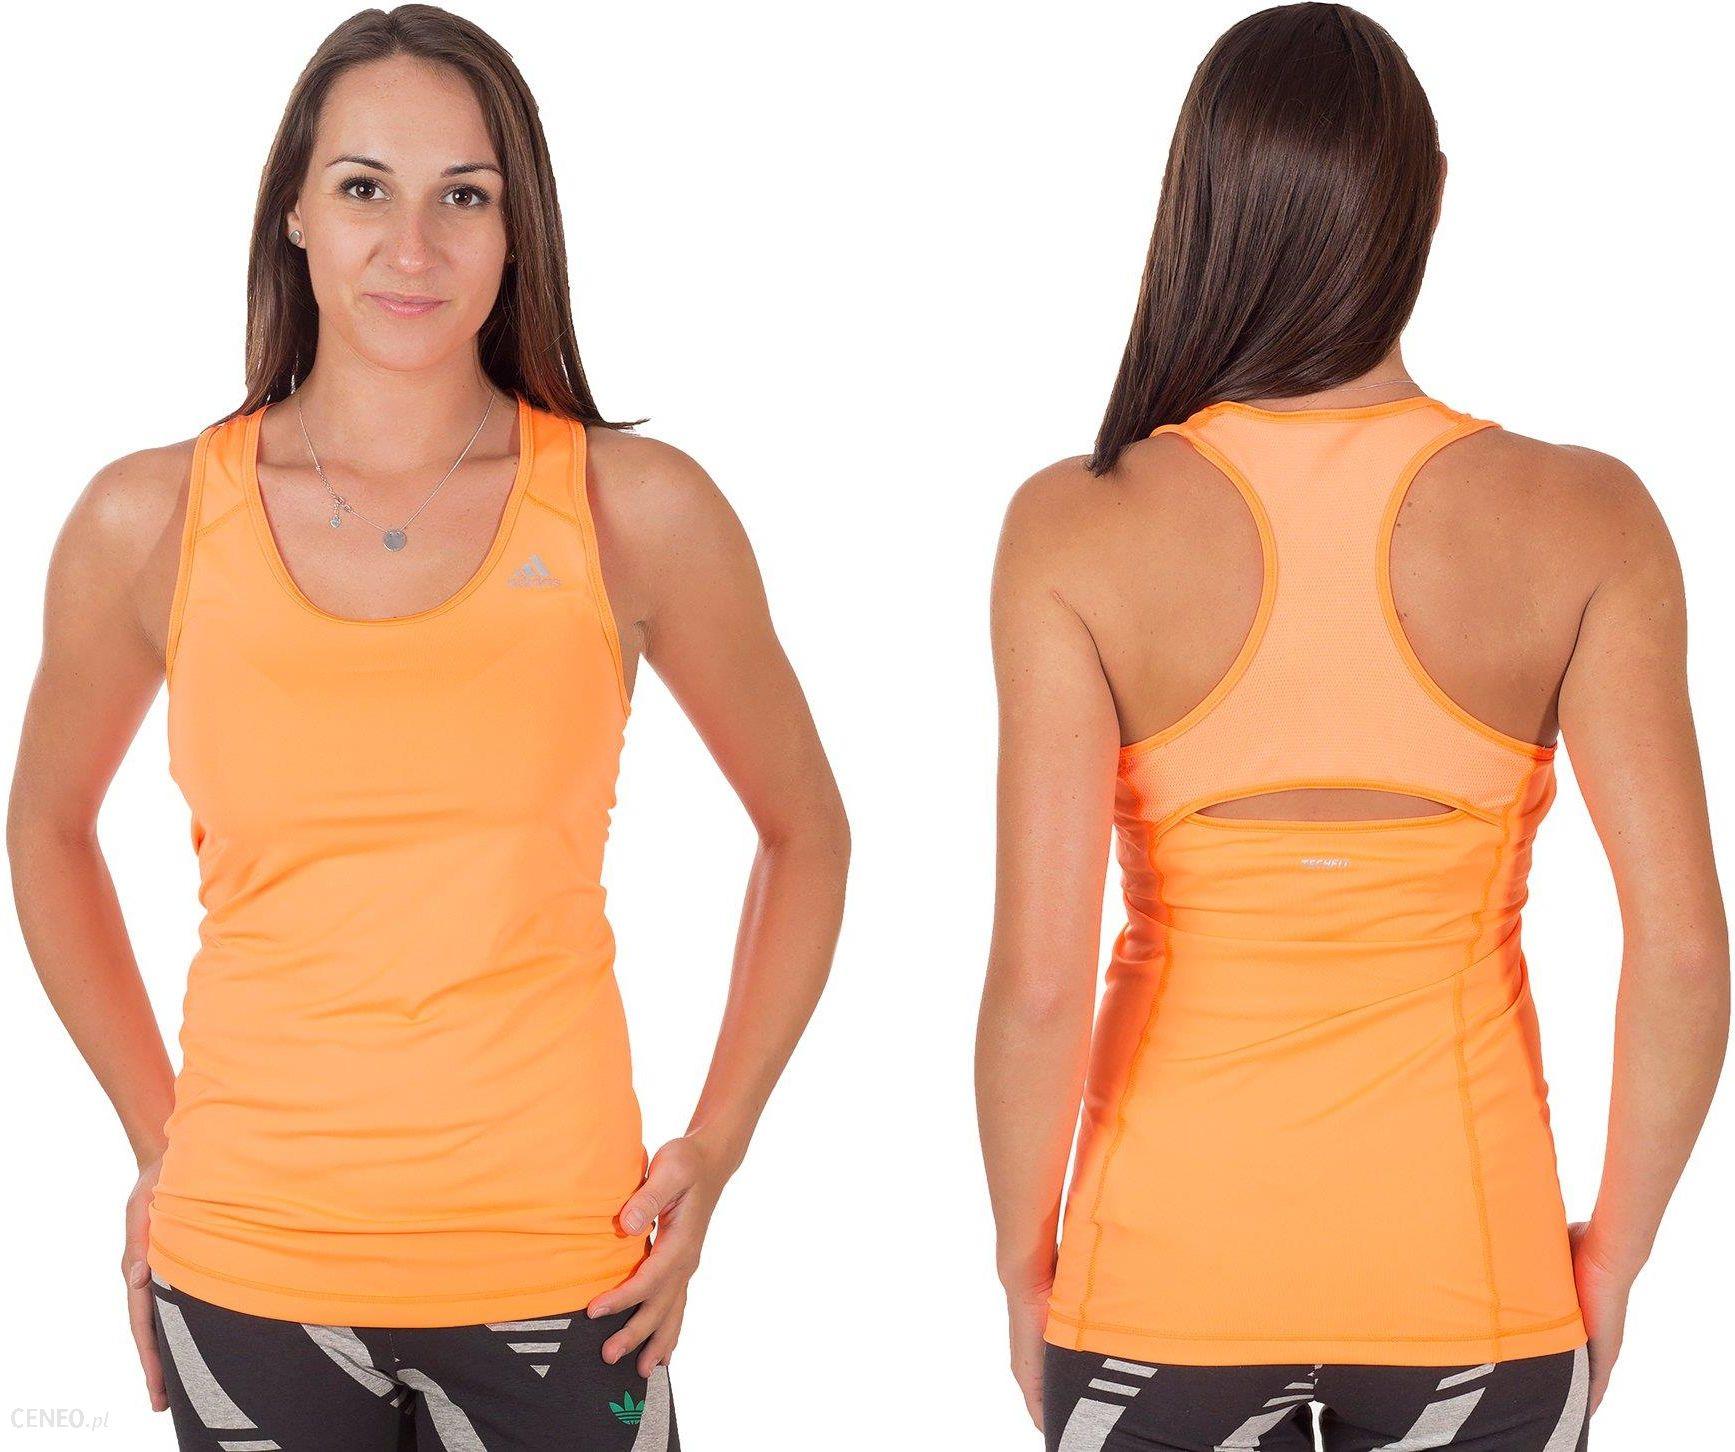 Adidas sportowy top, tank top damski niebieski